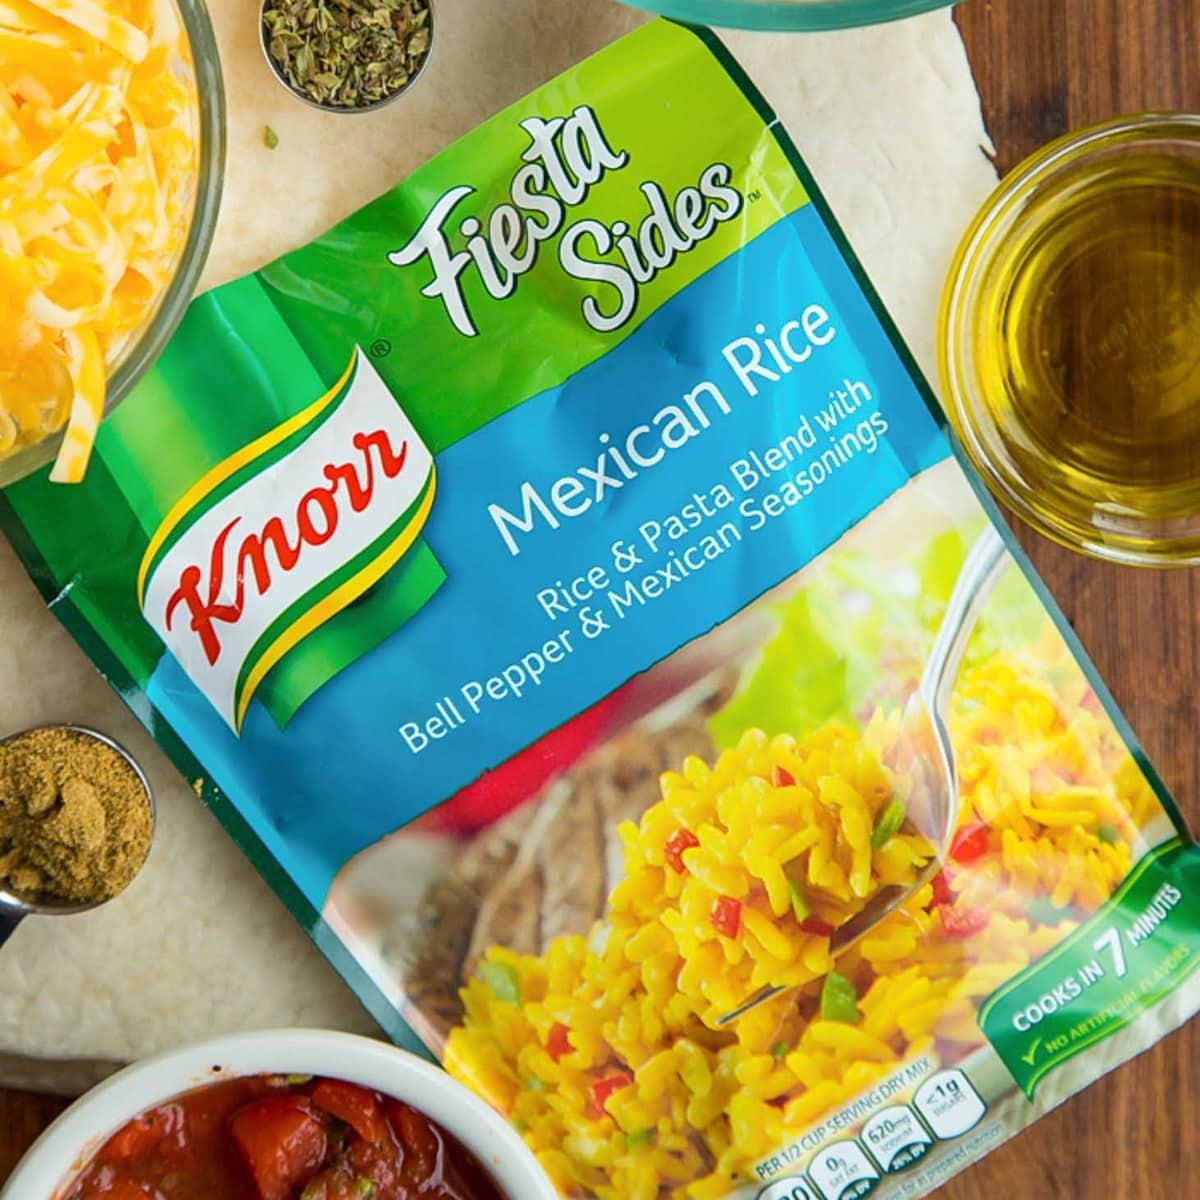 Knorr Fiesta Sides